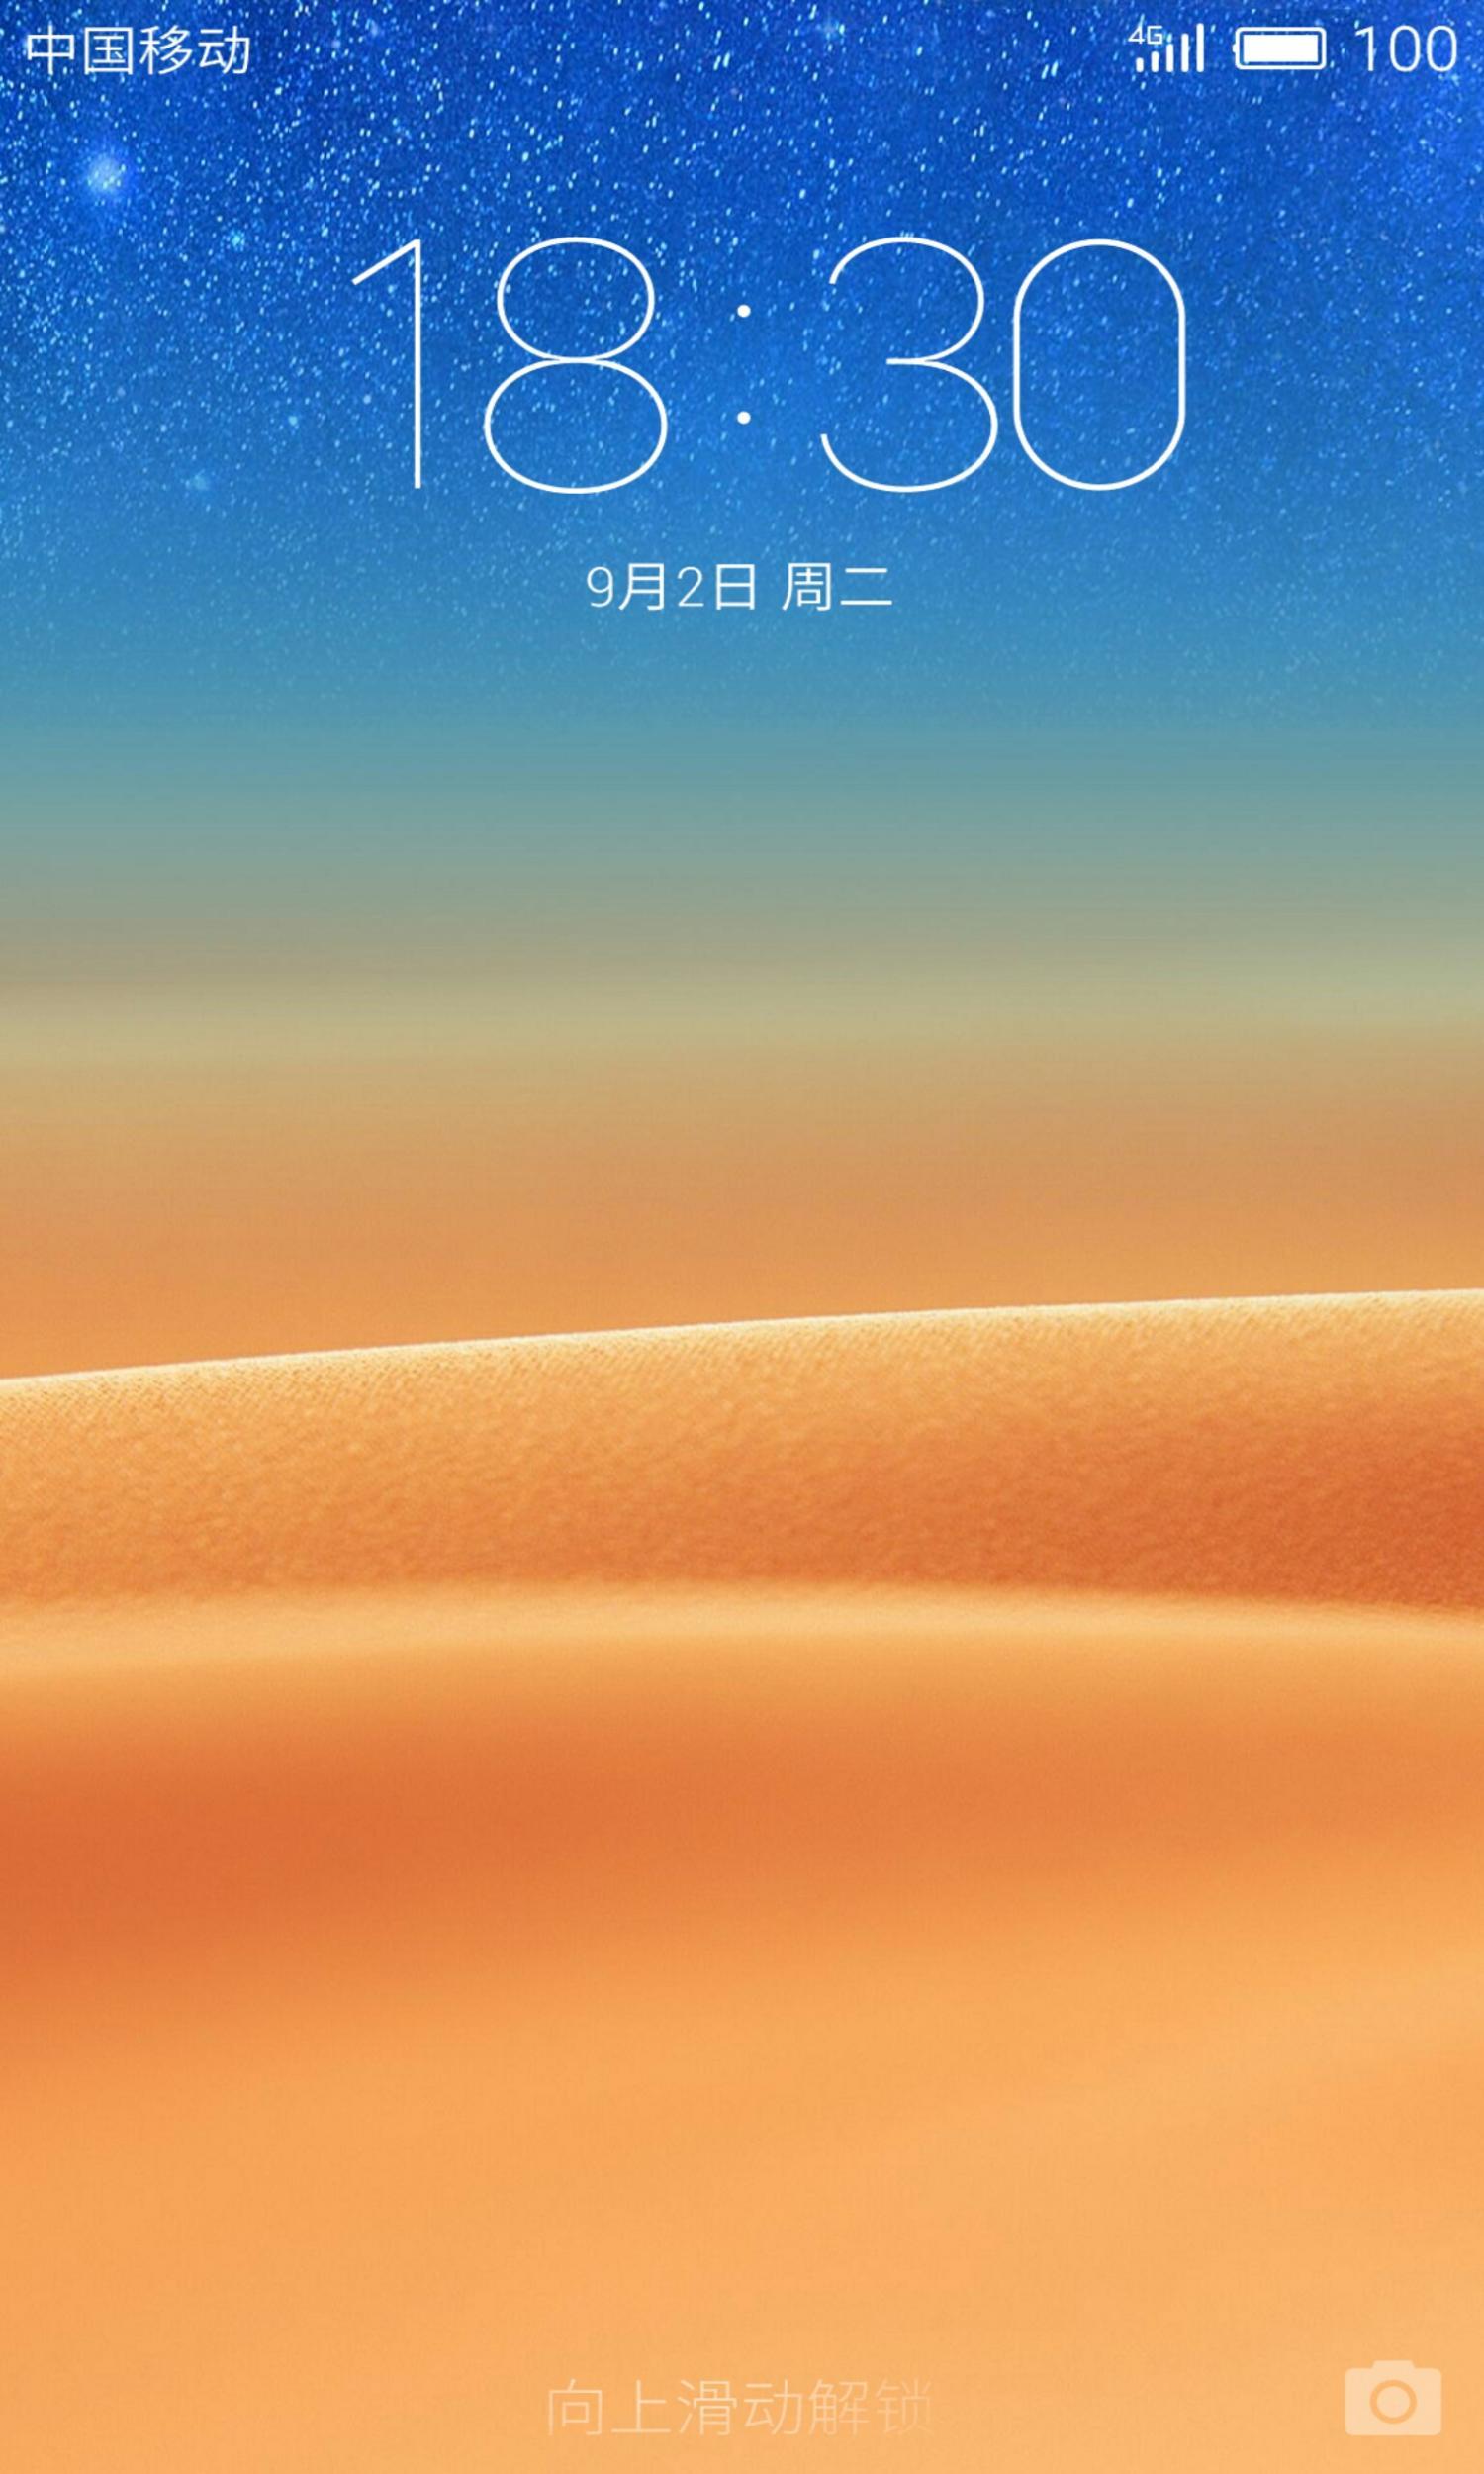 【资源组】三星note3高清手机壁纸